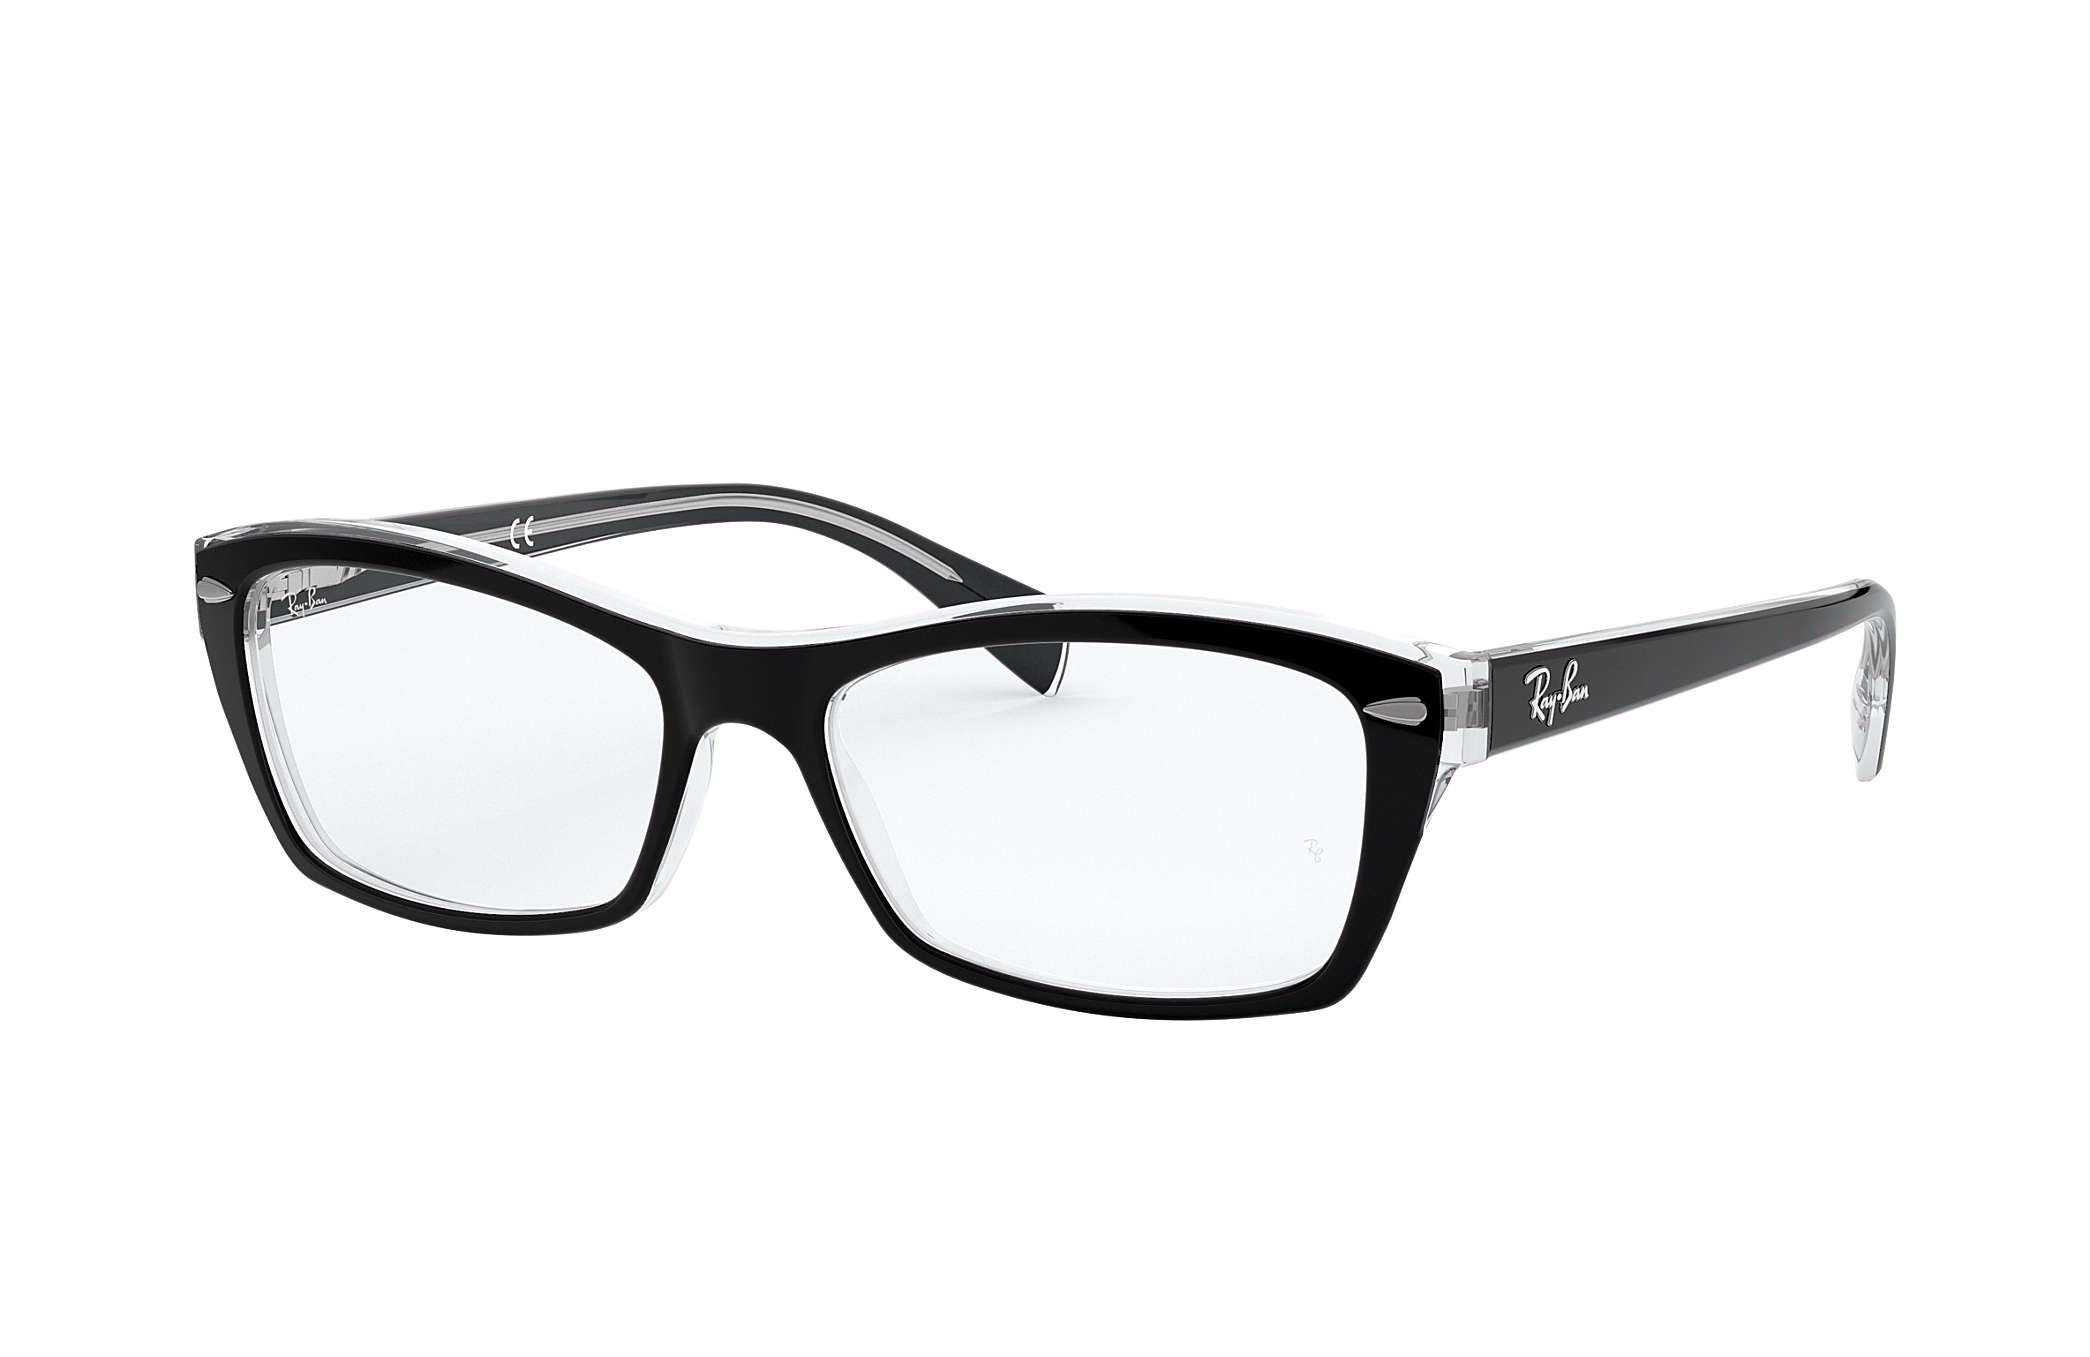 7a3e11b9e977f Óculos de grau Ray-Ban RB5255 Preto - Acetato - 0RX5255203453